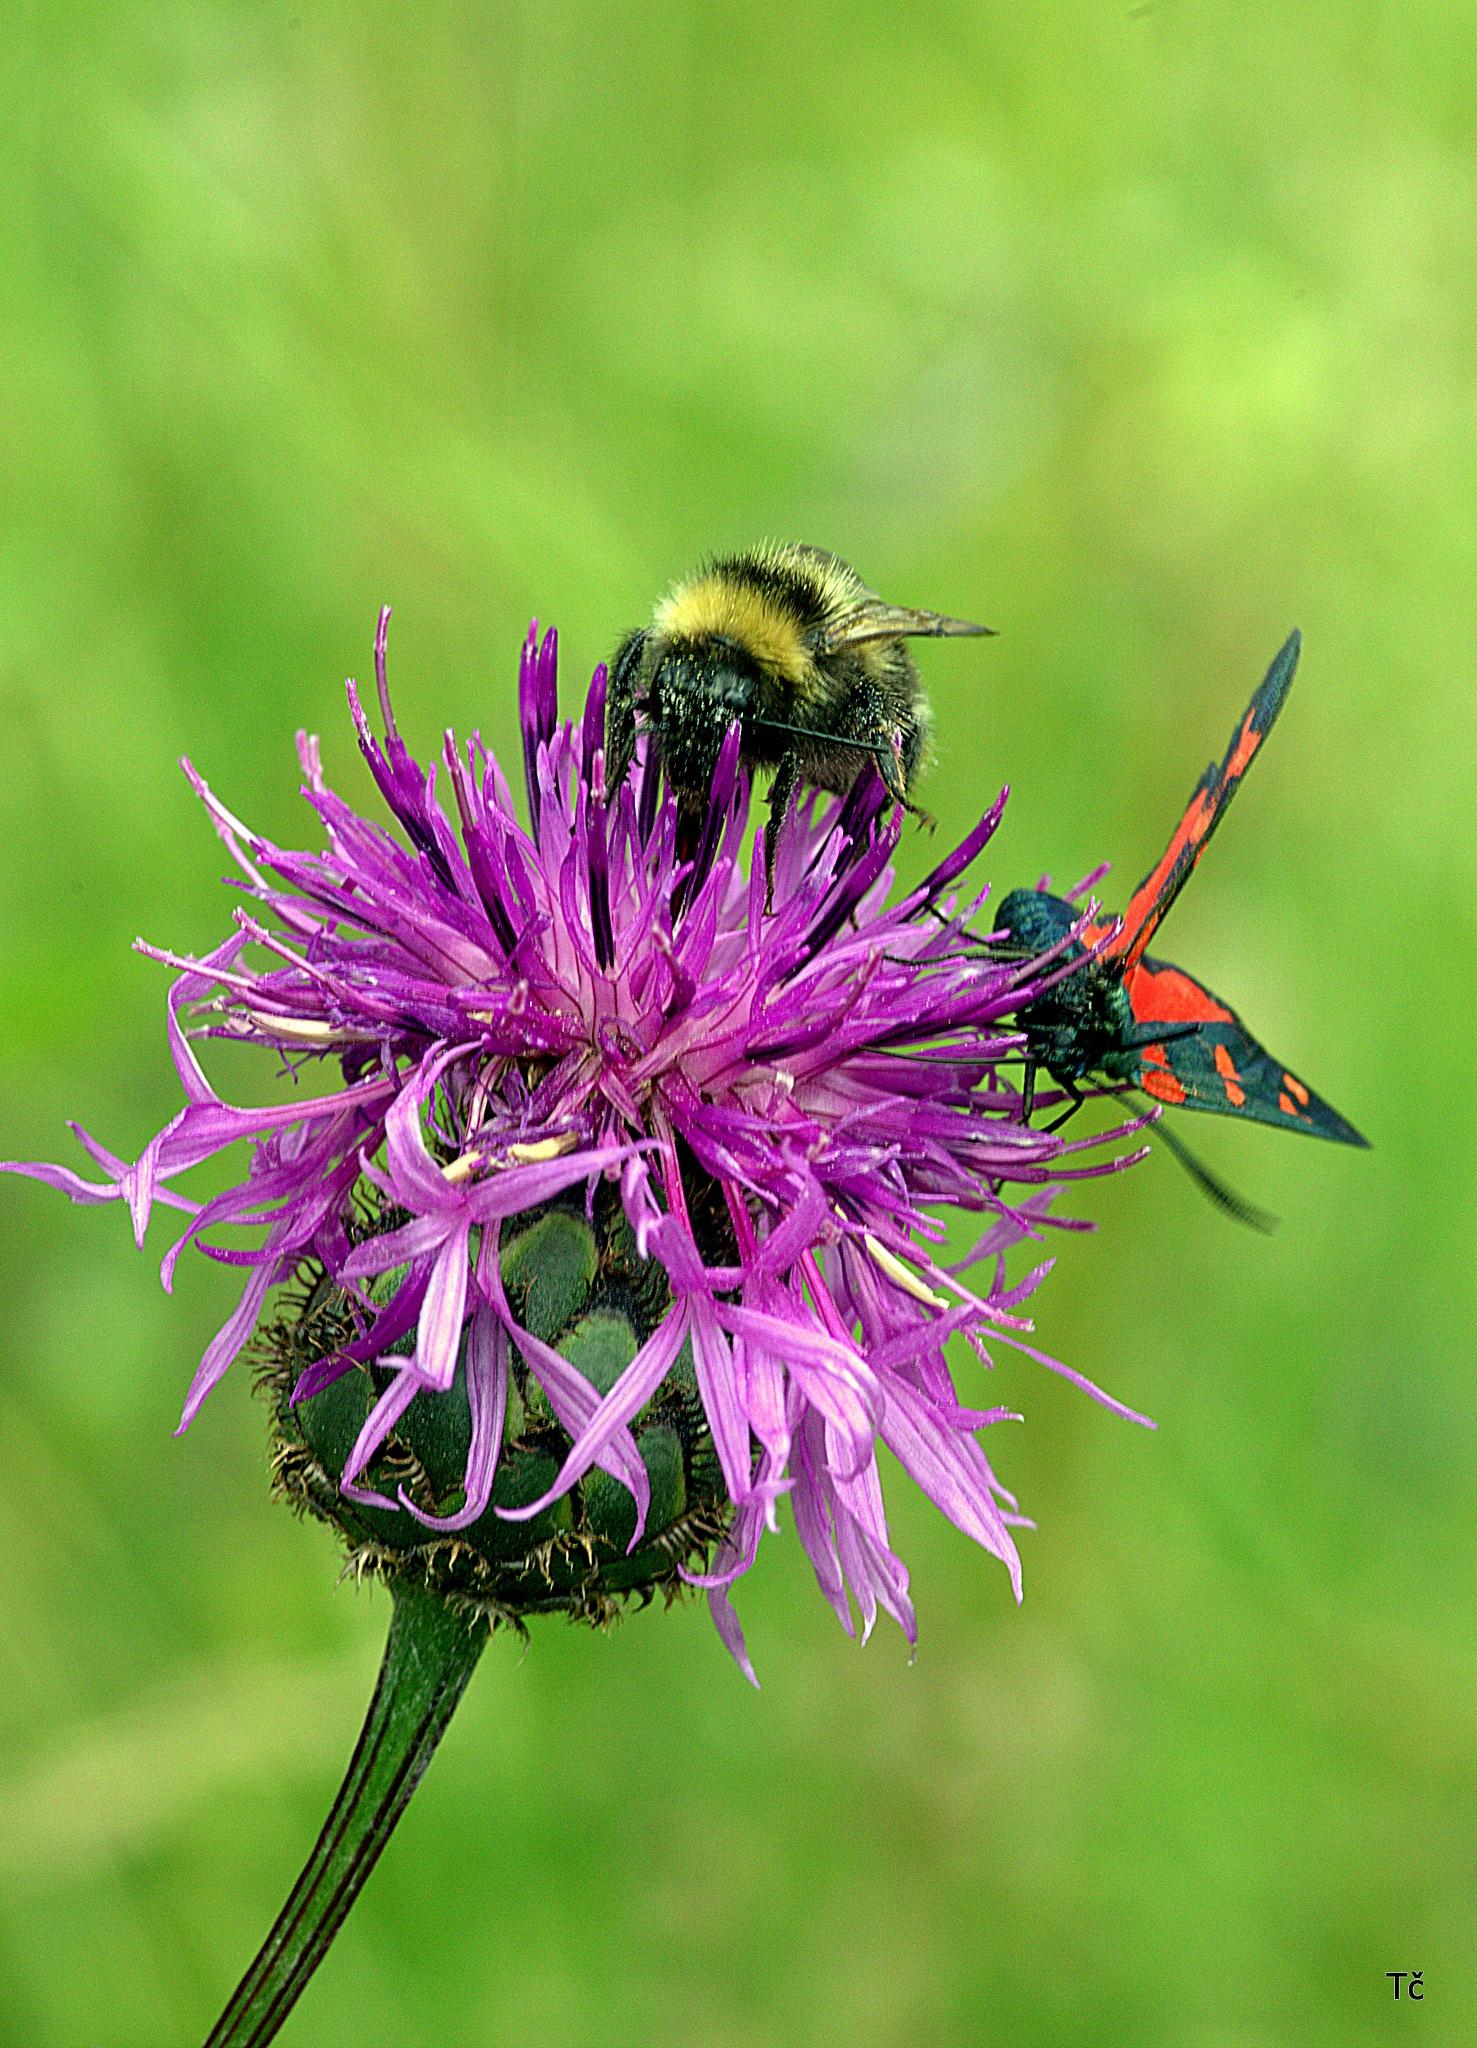 Crowdy flower by leopold.brzin